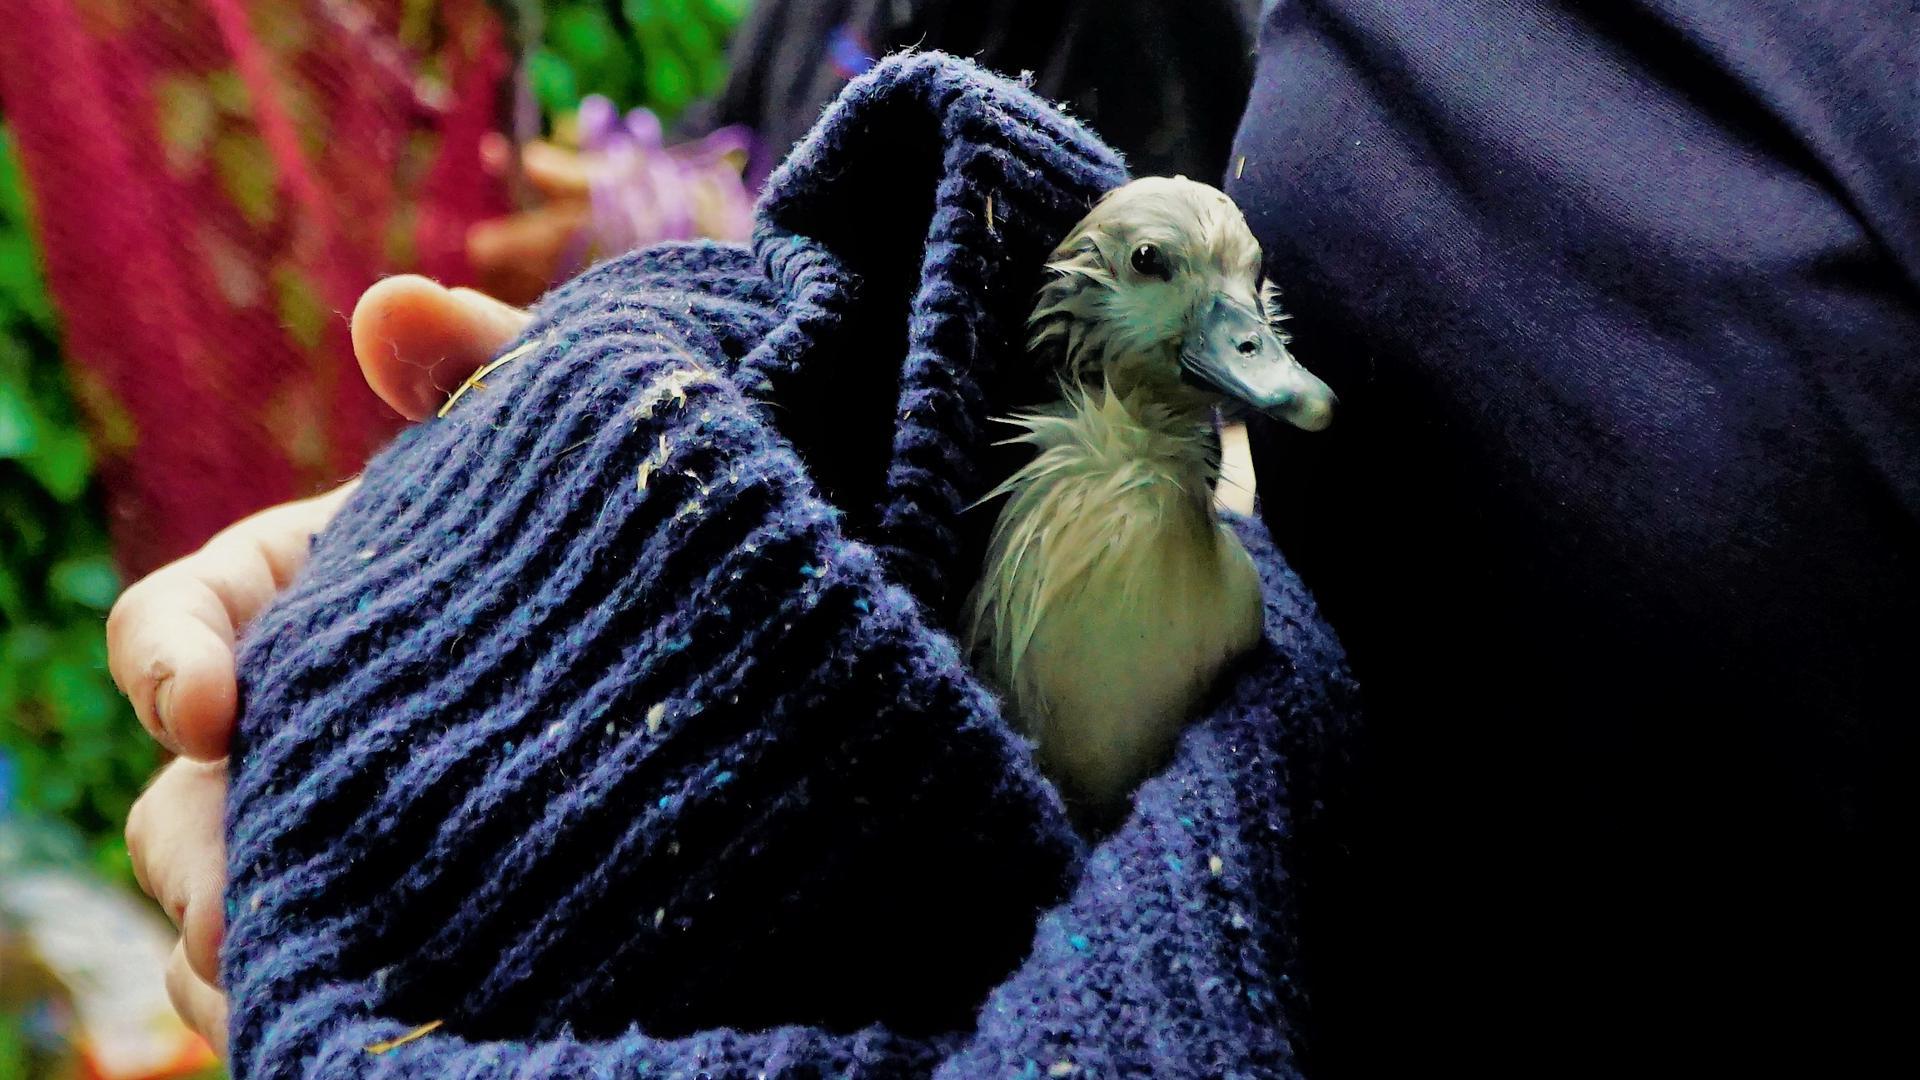 Eins der Küken in Rastatt muss Pierre Fingermann nun zuhause aufpäppeln. Das Nest der Schwäne wurde überflutet.